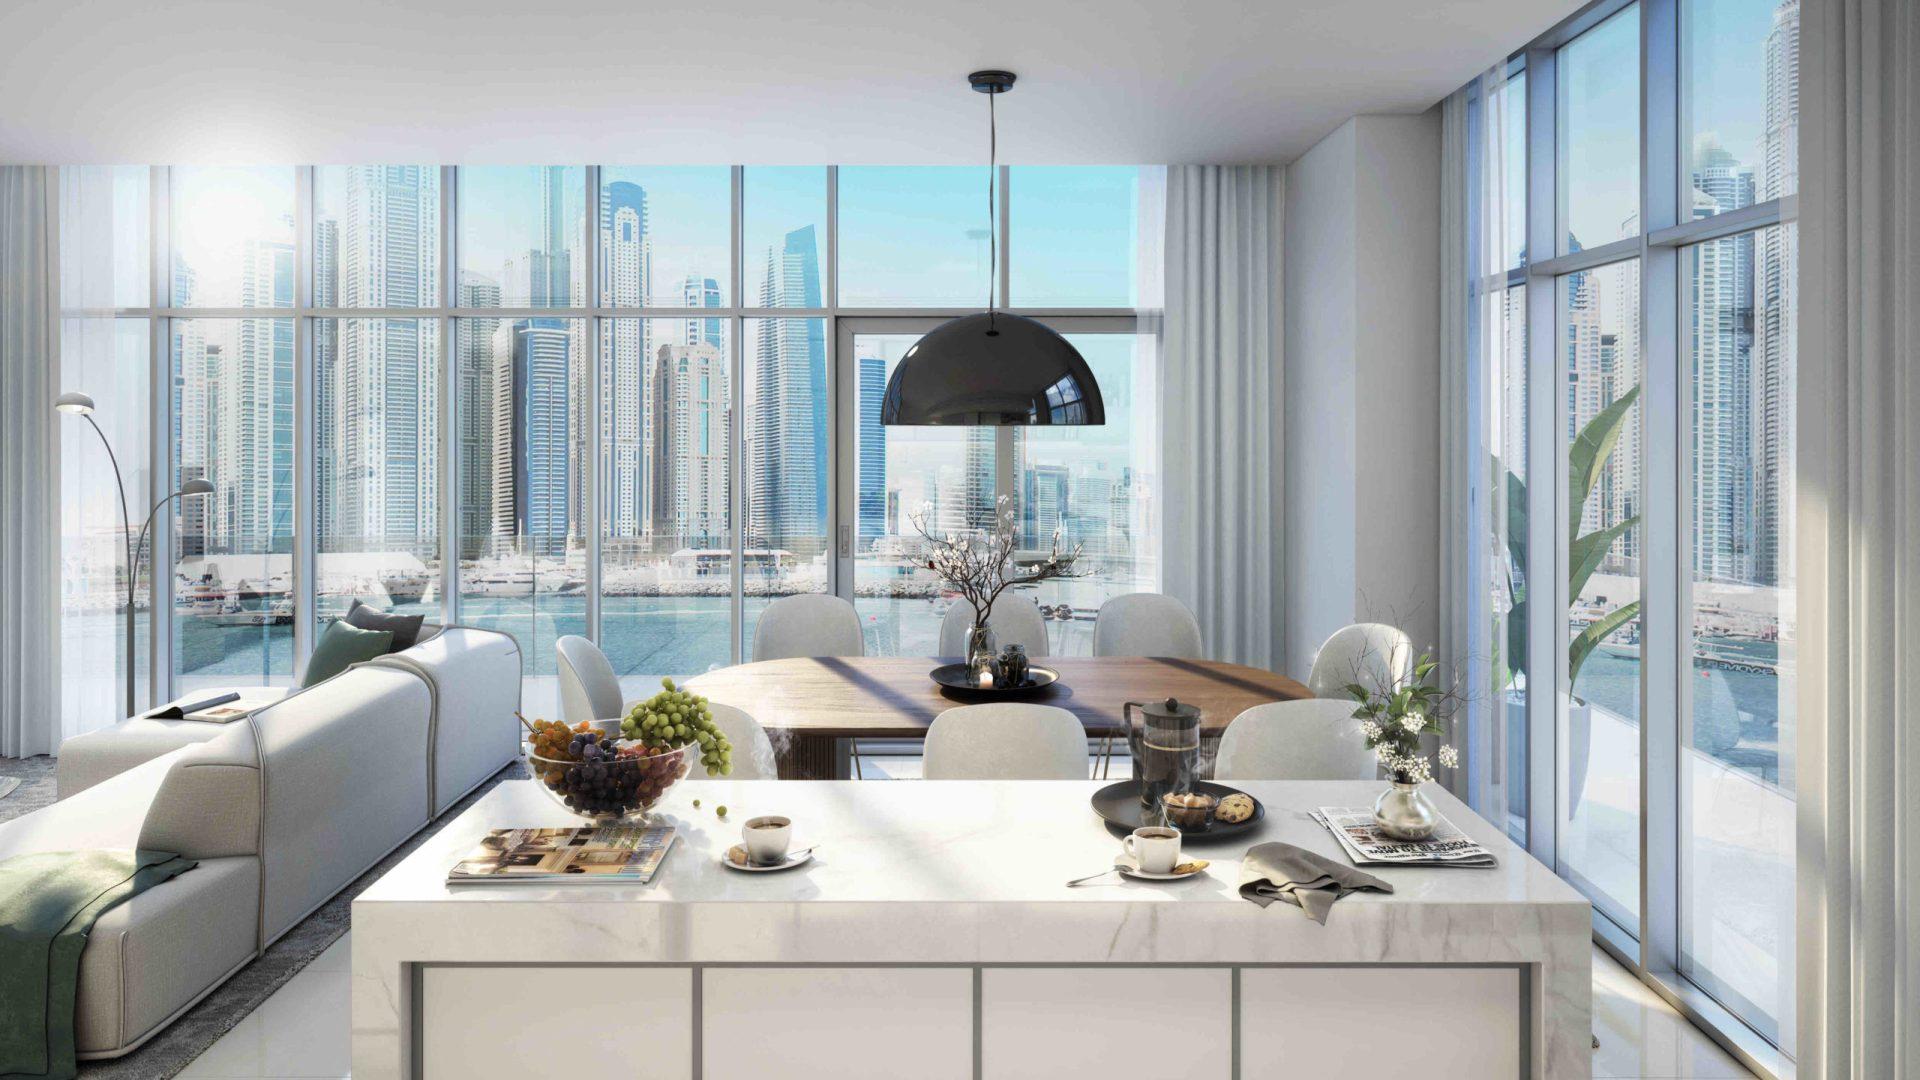 Apartment for sale in Dubai, UAE, 4 bedrooms, 194 m2, No. 24298 – photo 1